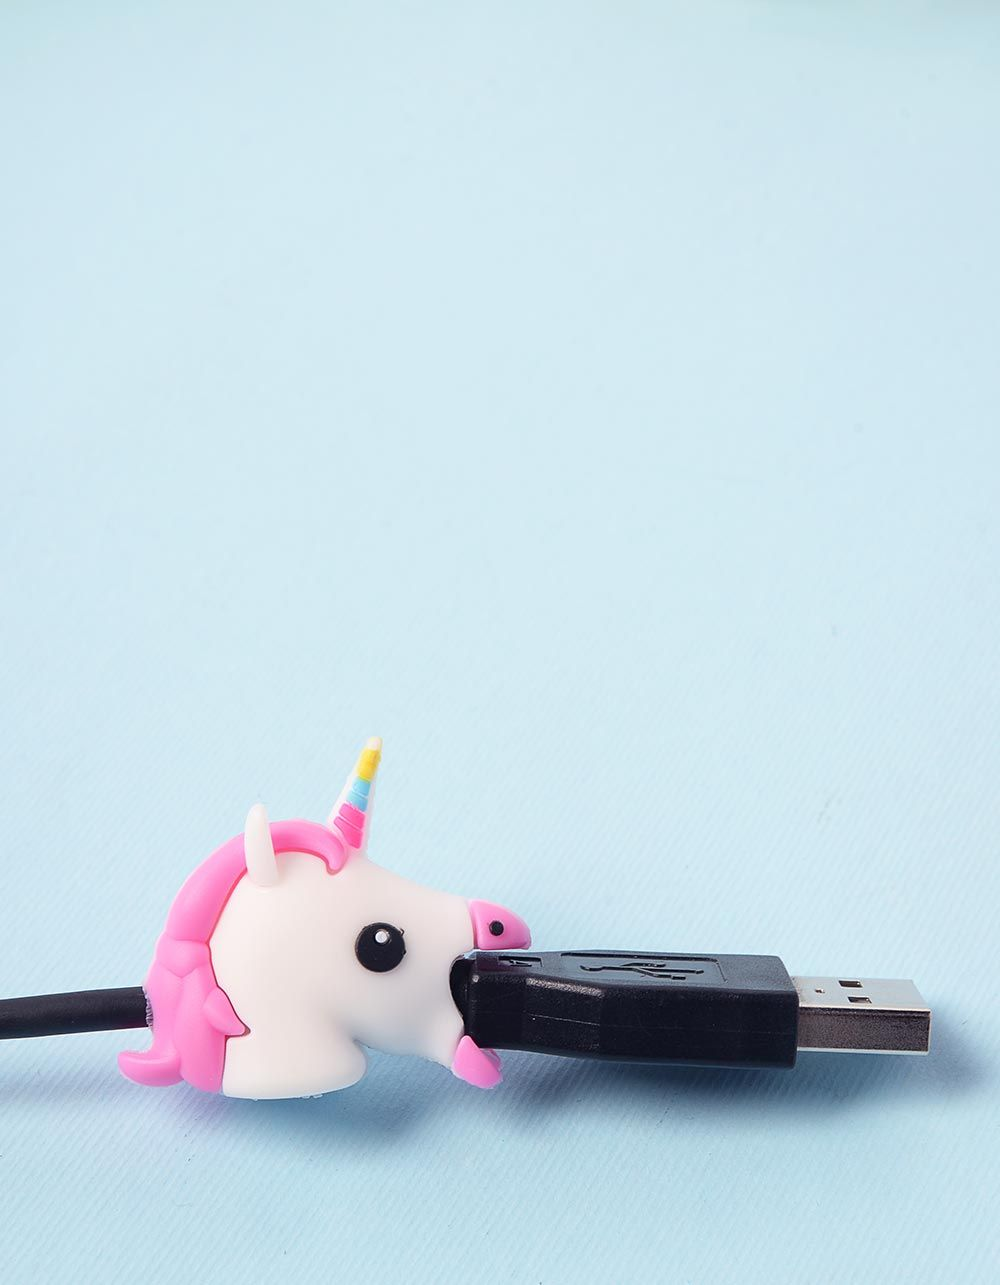 Захист для кабелю у вигляді єдинорога | 235770-01-XX